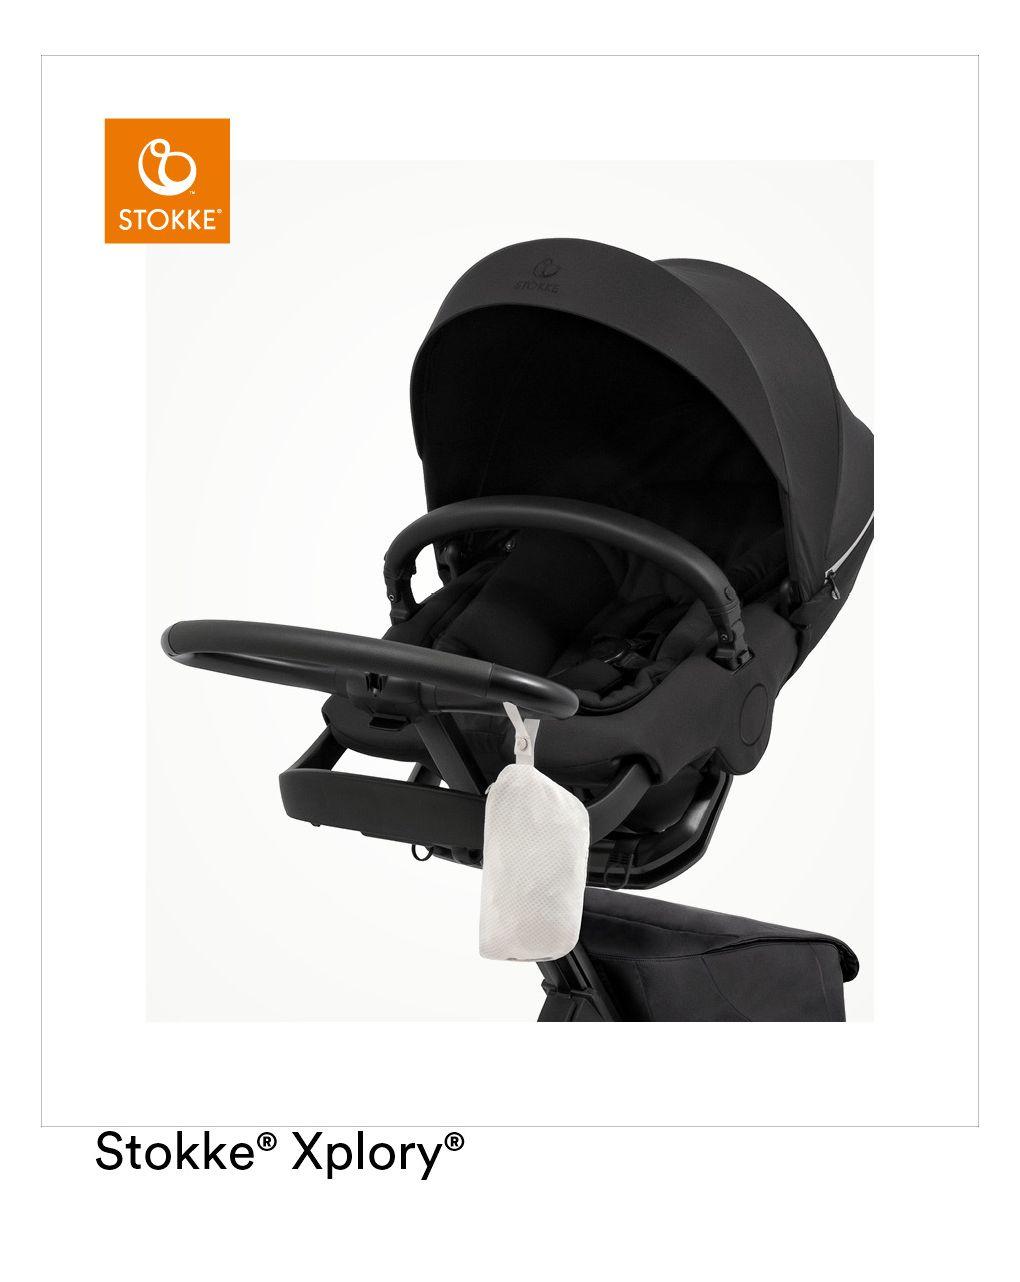 Visierina parasole stokke® xplory® x protezione dal sole anche in movimento - Stokke